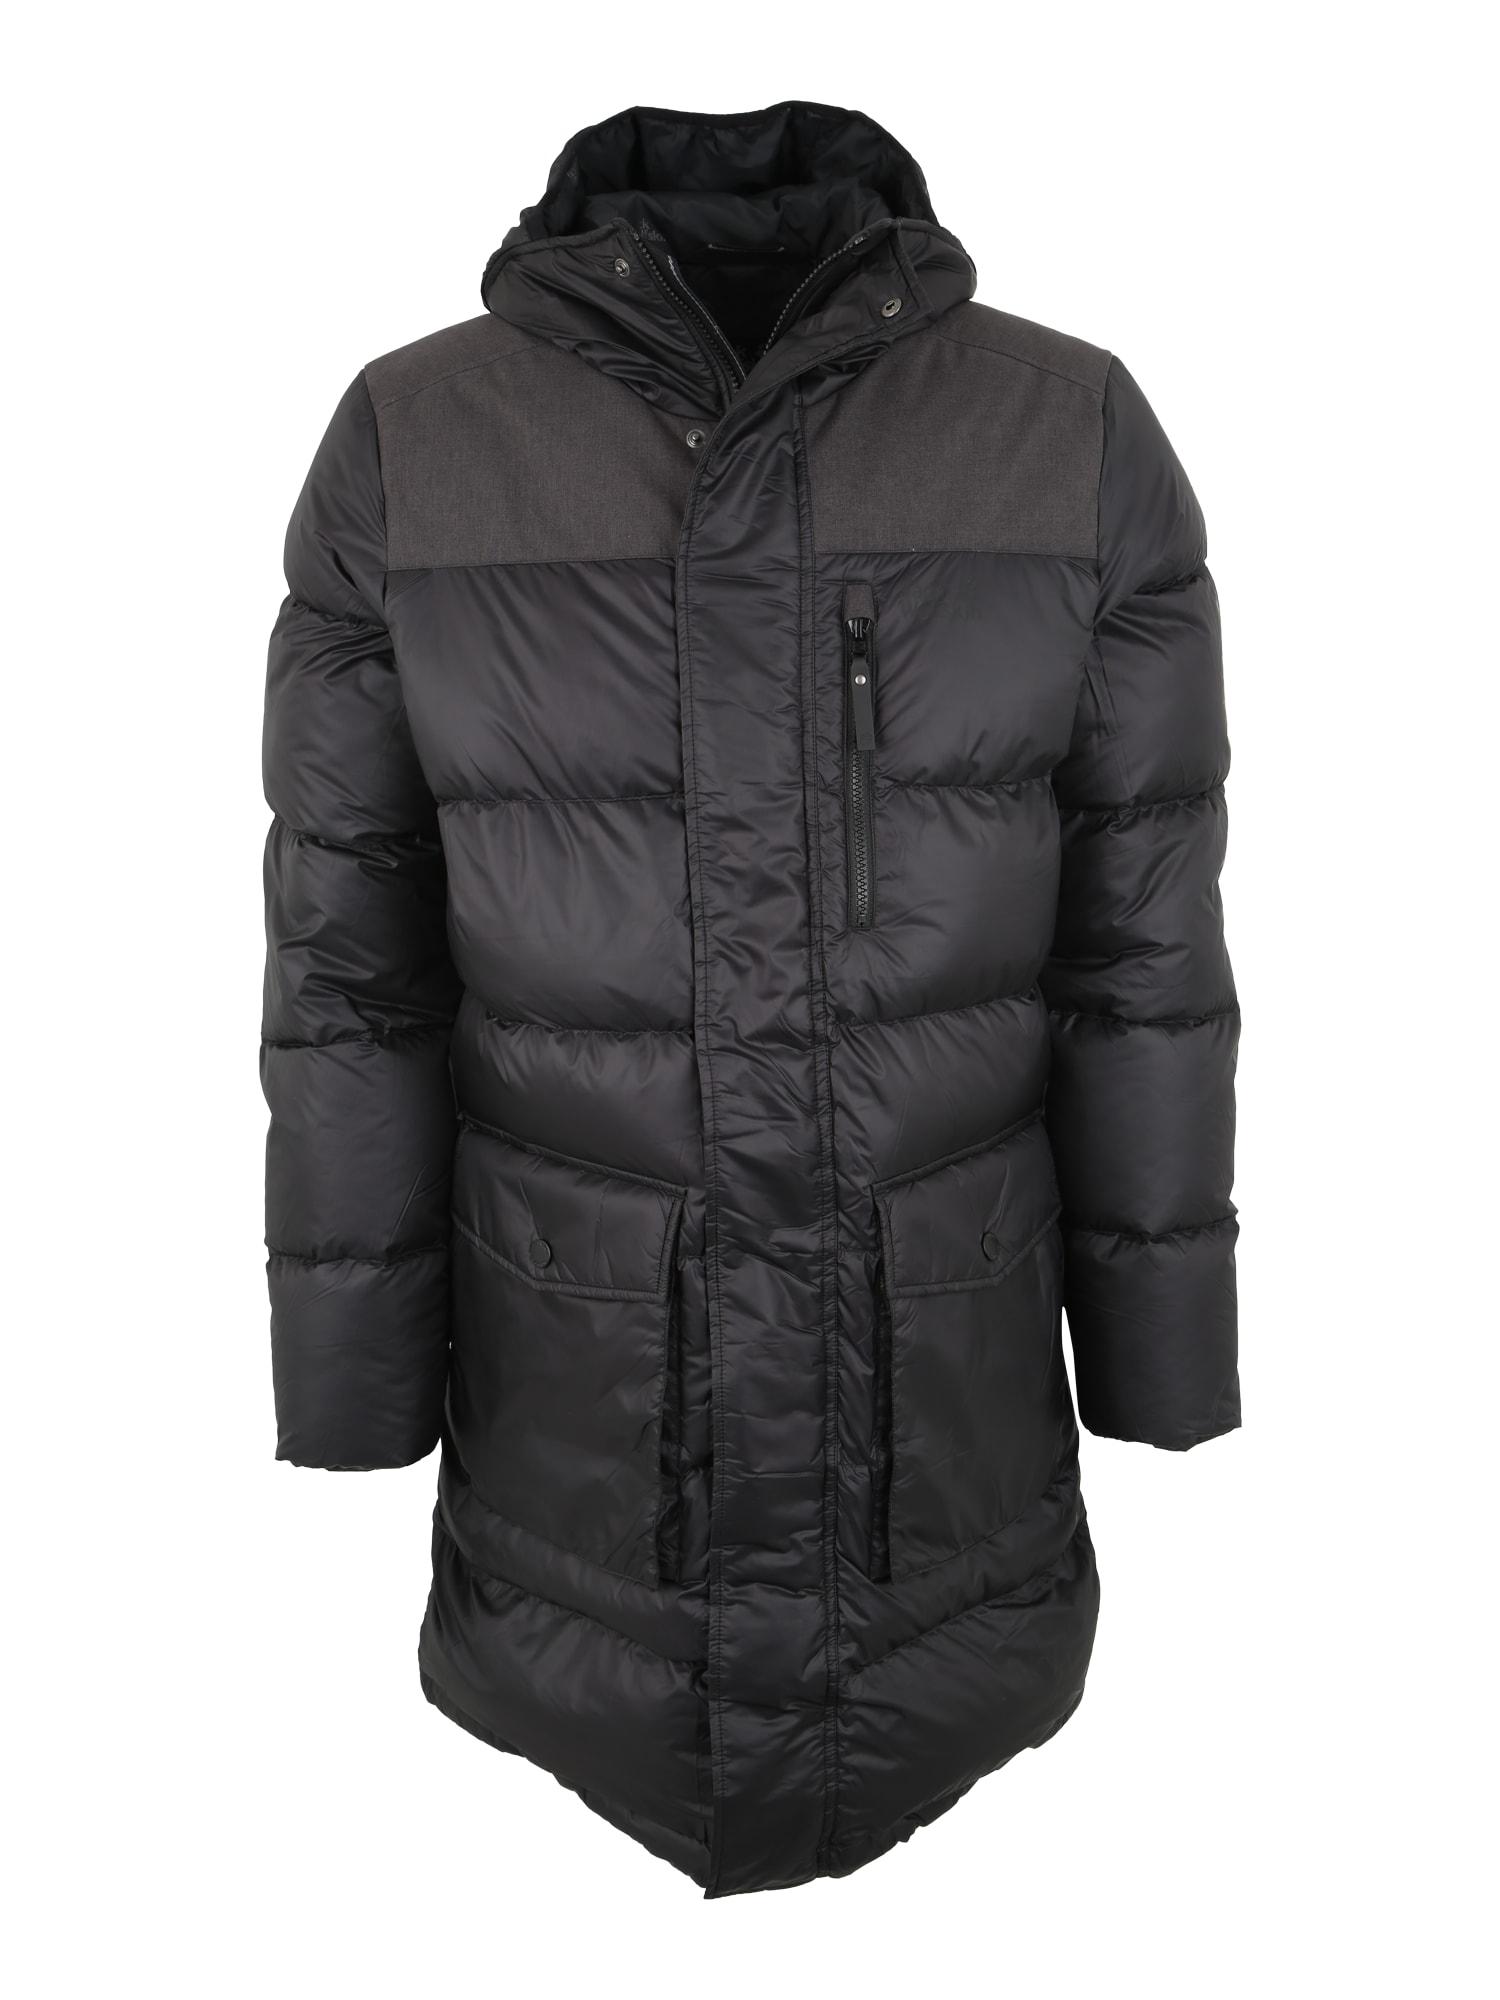 Outdoorová bunda RICHMOND černá JACK WOLFSKIN